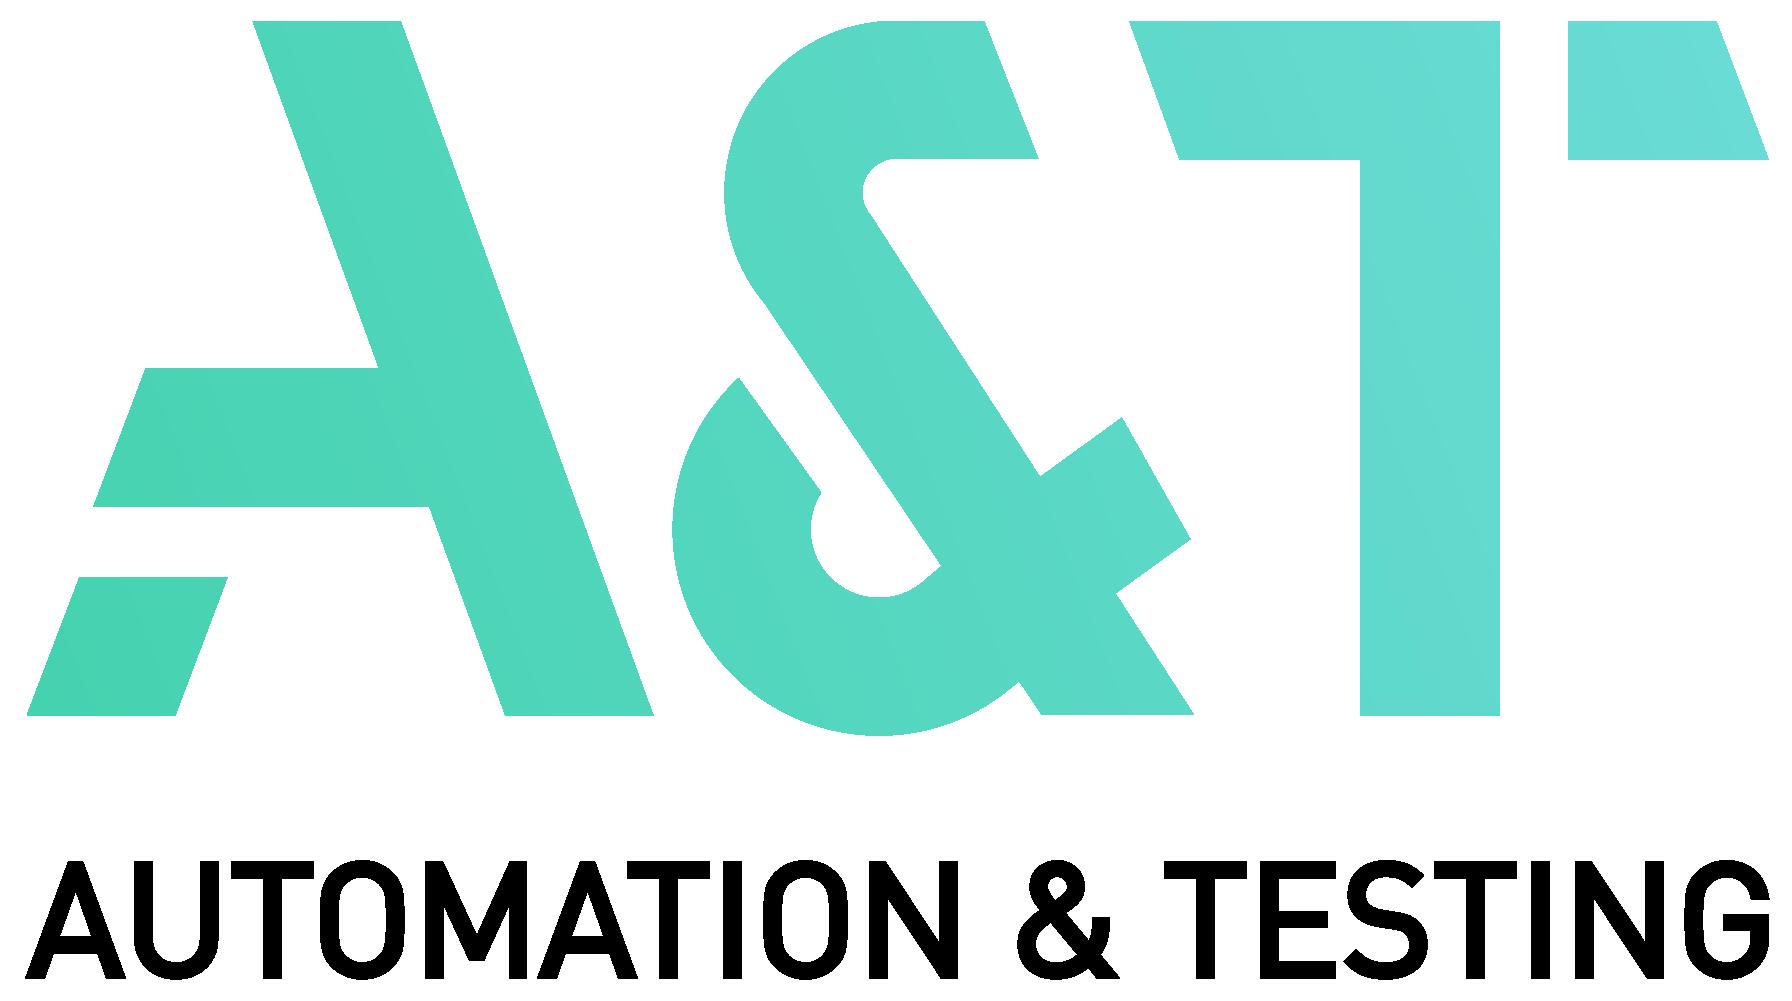 La Fiera internazionale A&T - Automation&Testing, anticipa la sua data dal 13 al 15 Febbraio 2019